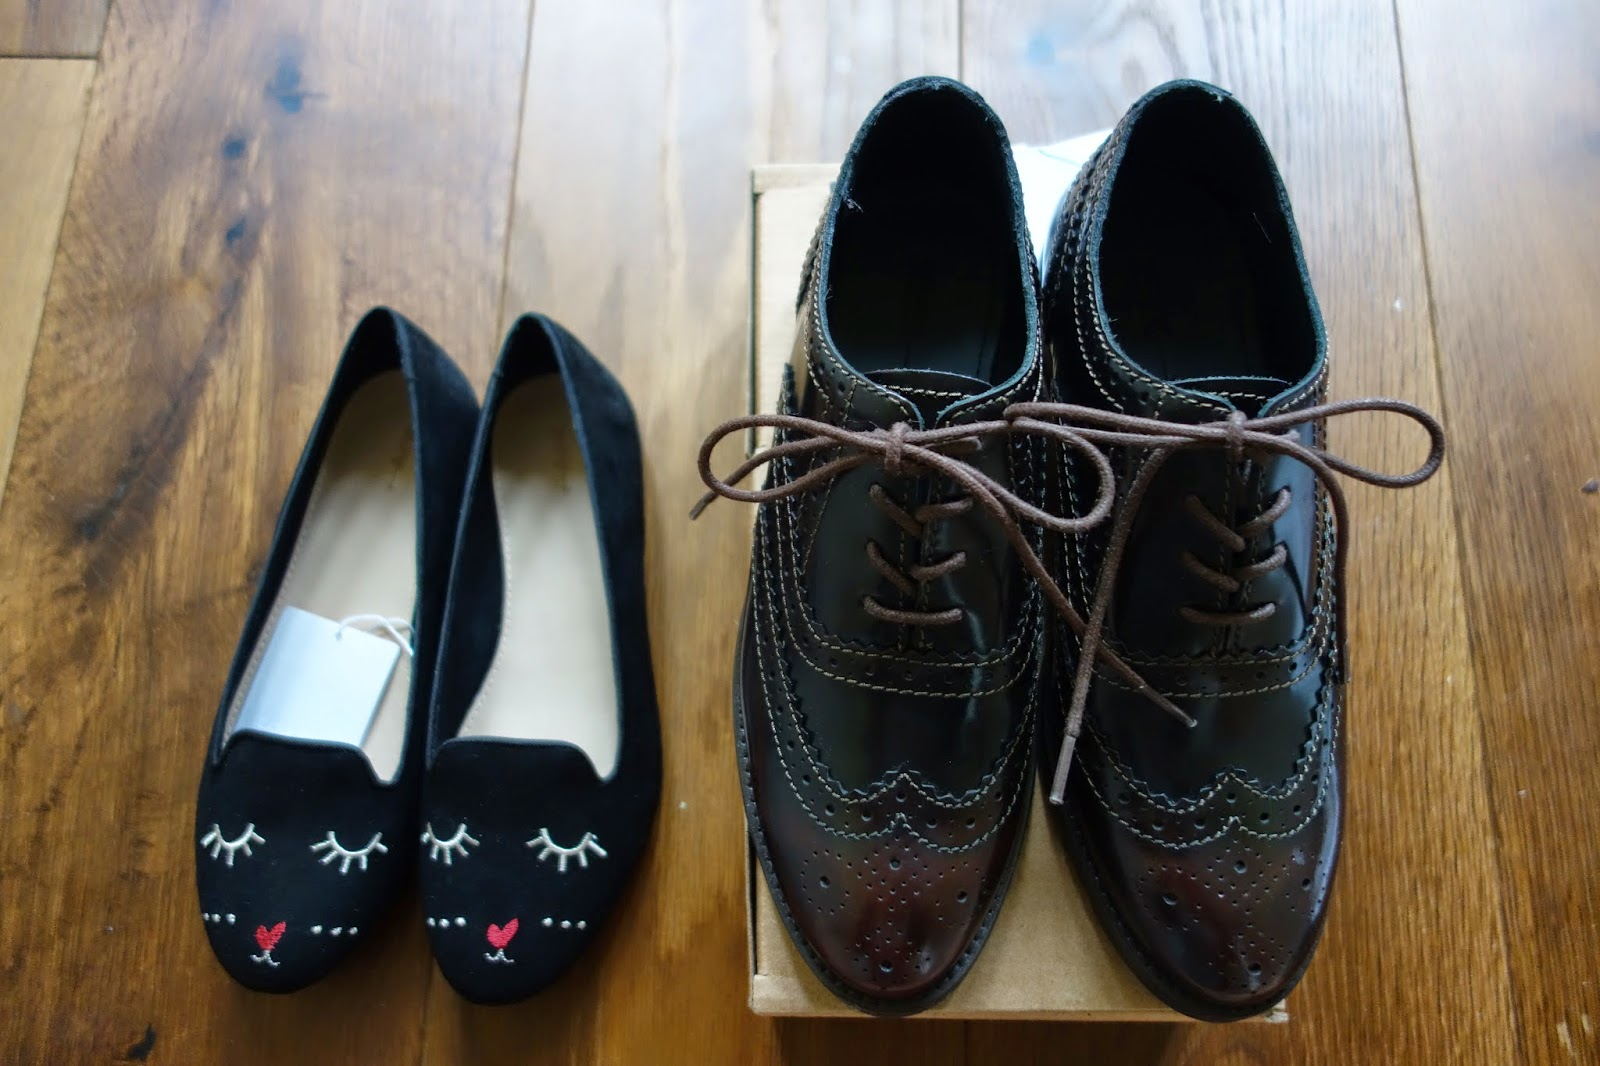 オックスフォード本革の靴も可愛い猫ちゃんの靴もkids価格で手に入り満足♥ しかも私みたいに足が小さい人だけではなく、kidsサイズは最大25.5cmぐらいまであるみたい